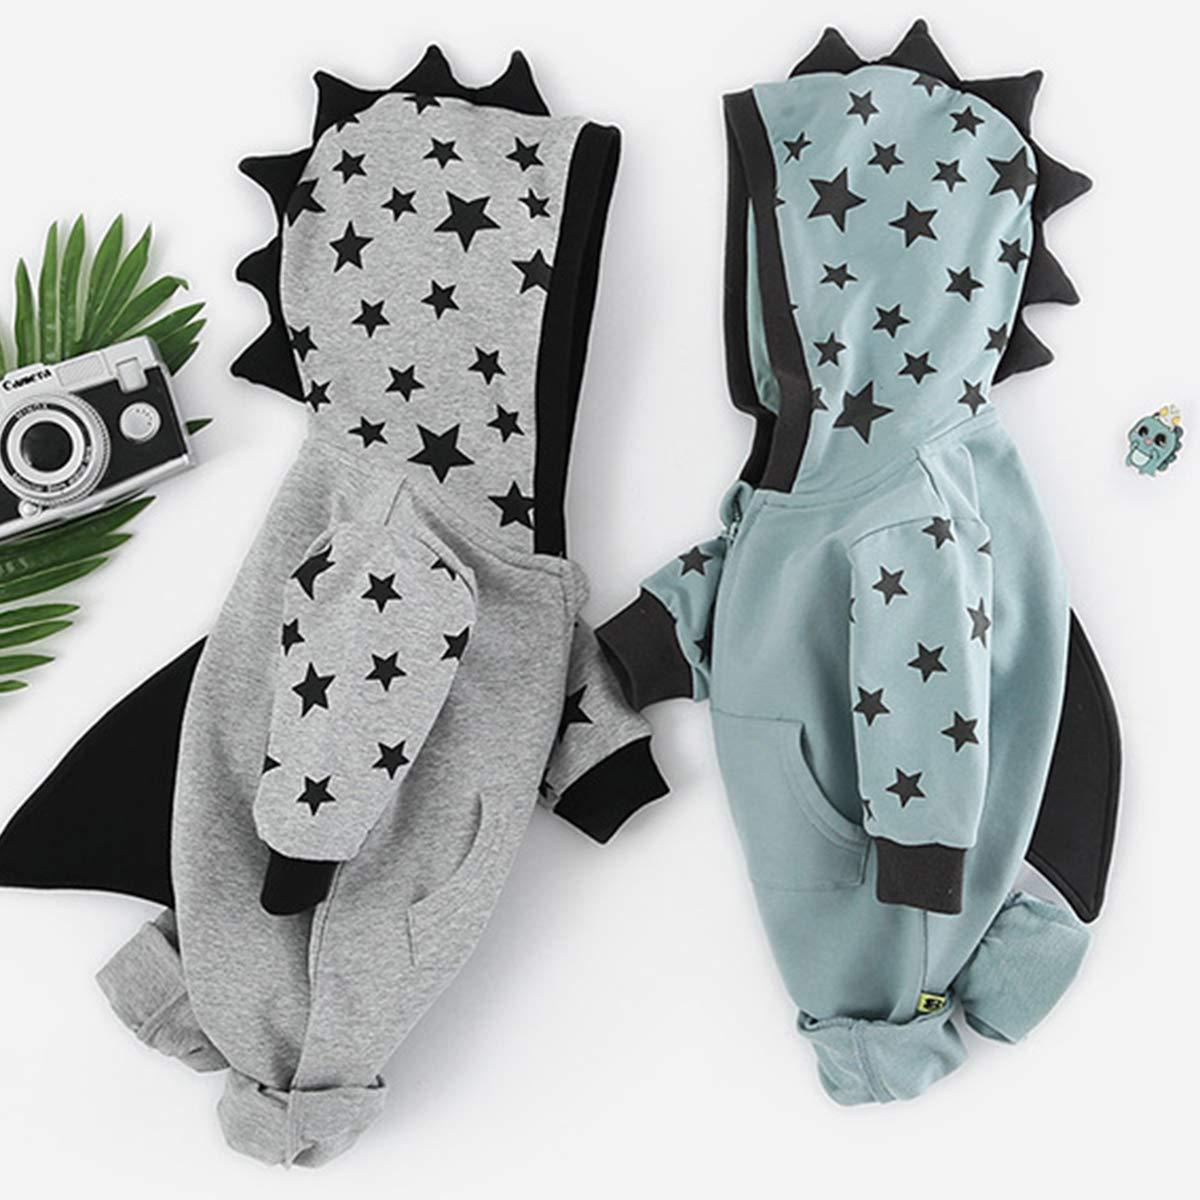 JUNMAONO Baby Strampler mit Kapuze Karikatur Dinosaurier Modellierung Langarm-Kapuzenshirt,Junge M/ädchen Onesies Bodyoverall mit Druckknopf,Unisex Schlafstrampler Schlafanzug Spielanzug Overall